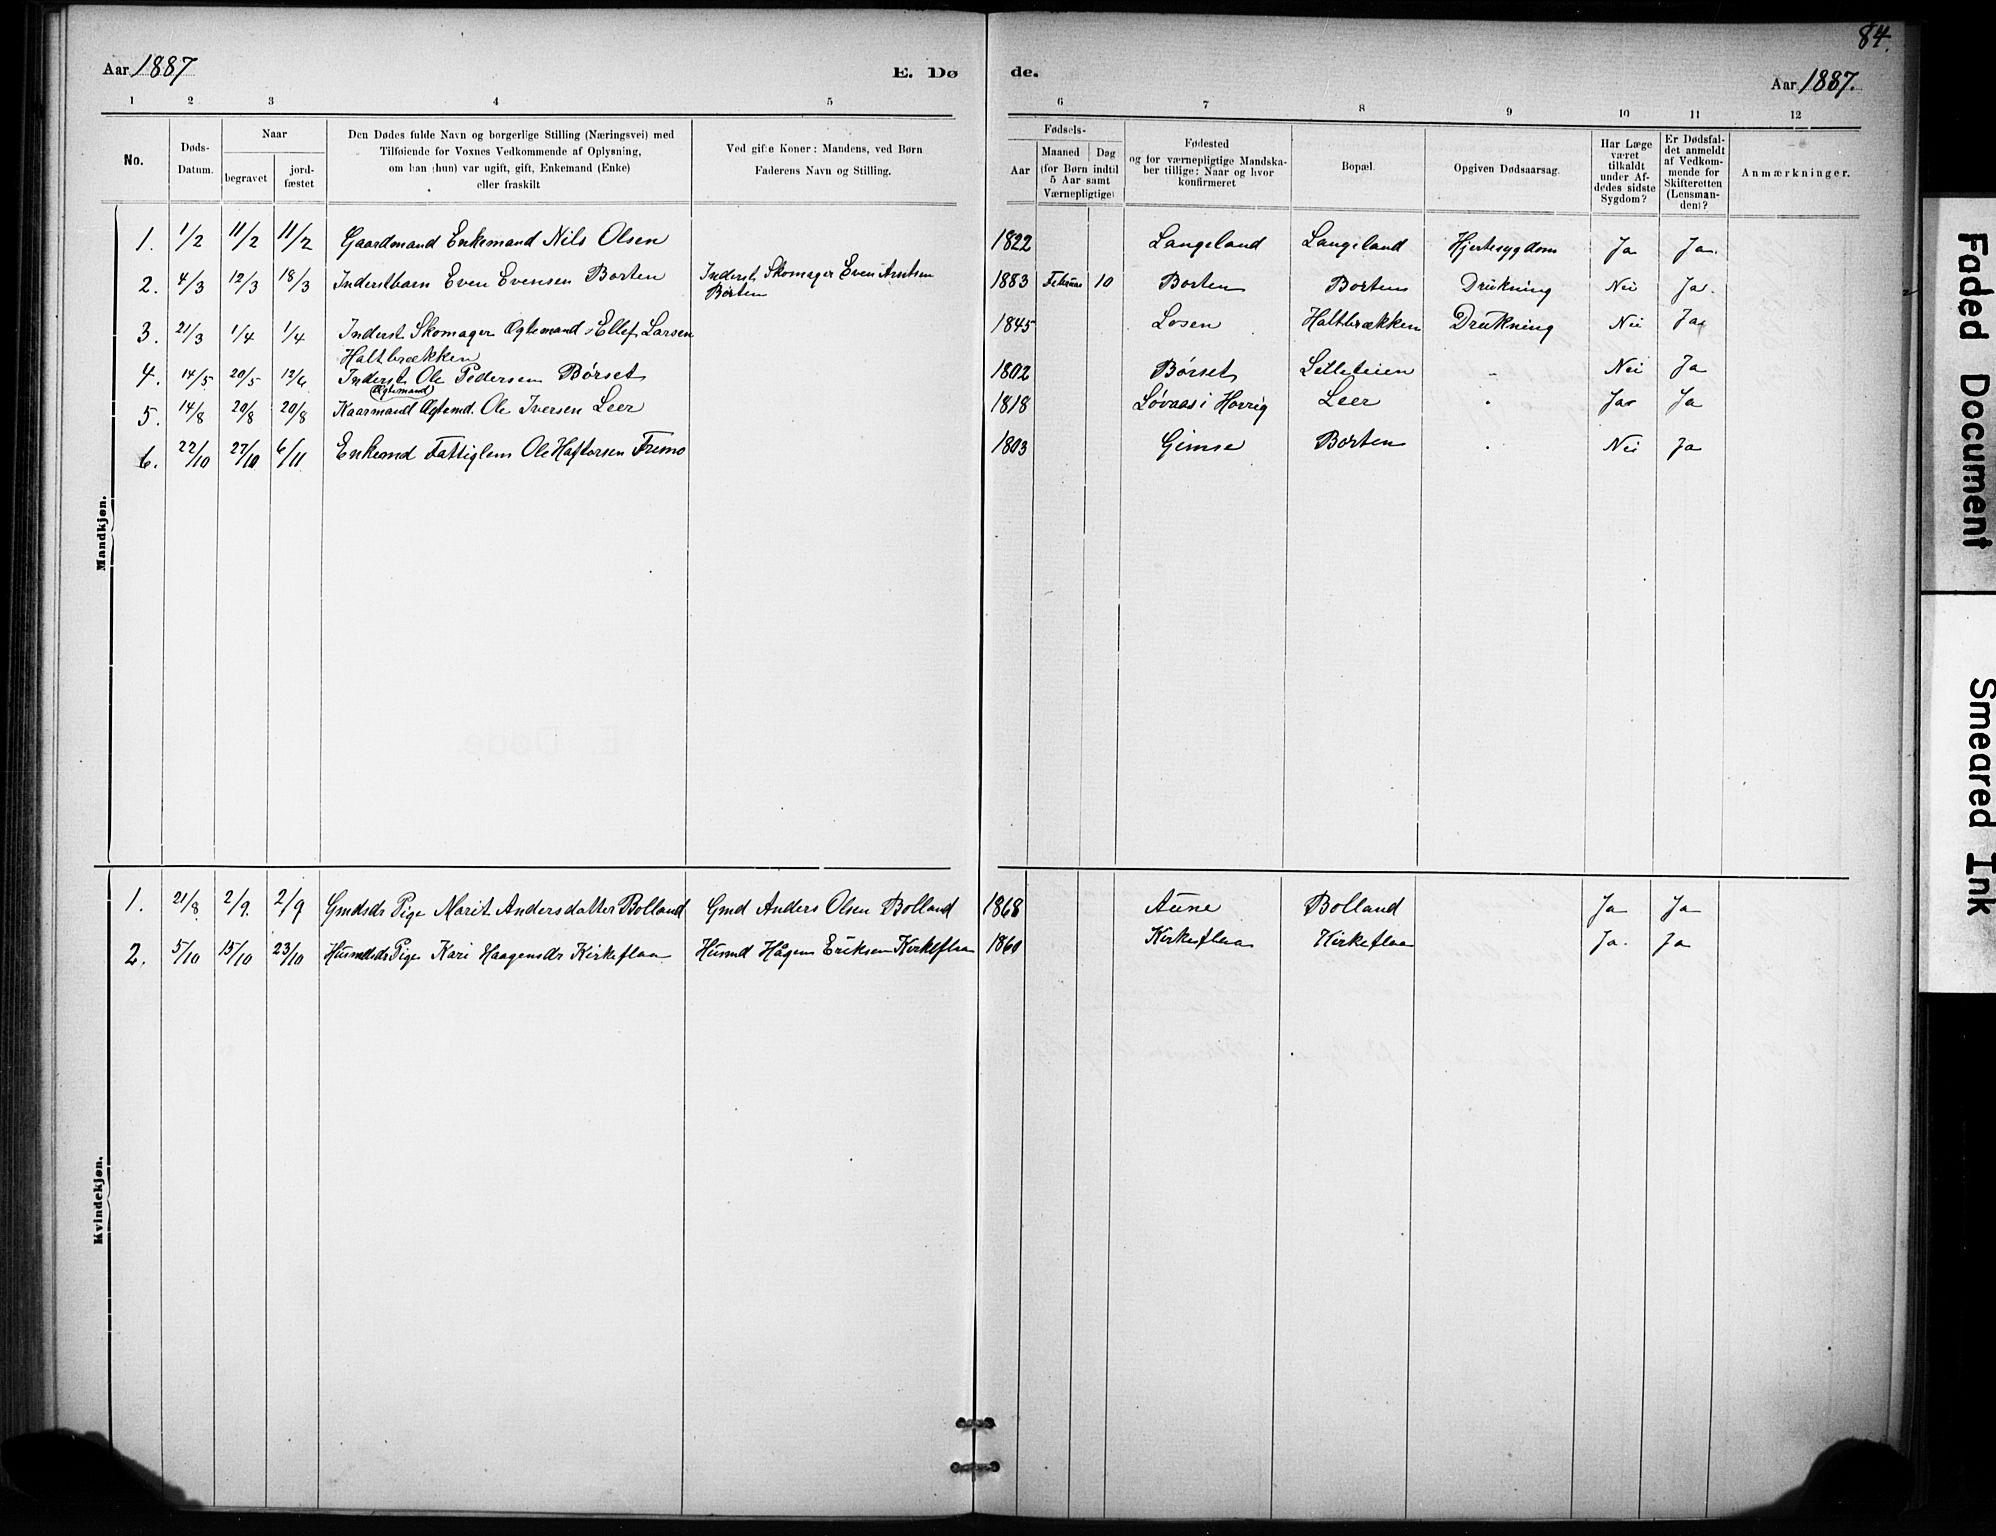 SAT, Ministerialprotokoller, klokkerbøker og fødselsregistre - Sør-Trøndelag, 693/L1119: Ministerialbok nr. 693A01, 1887-1905, s. 84